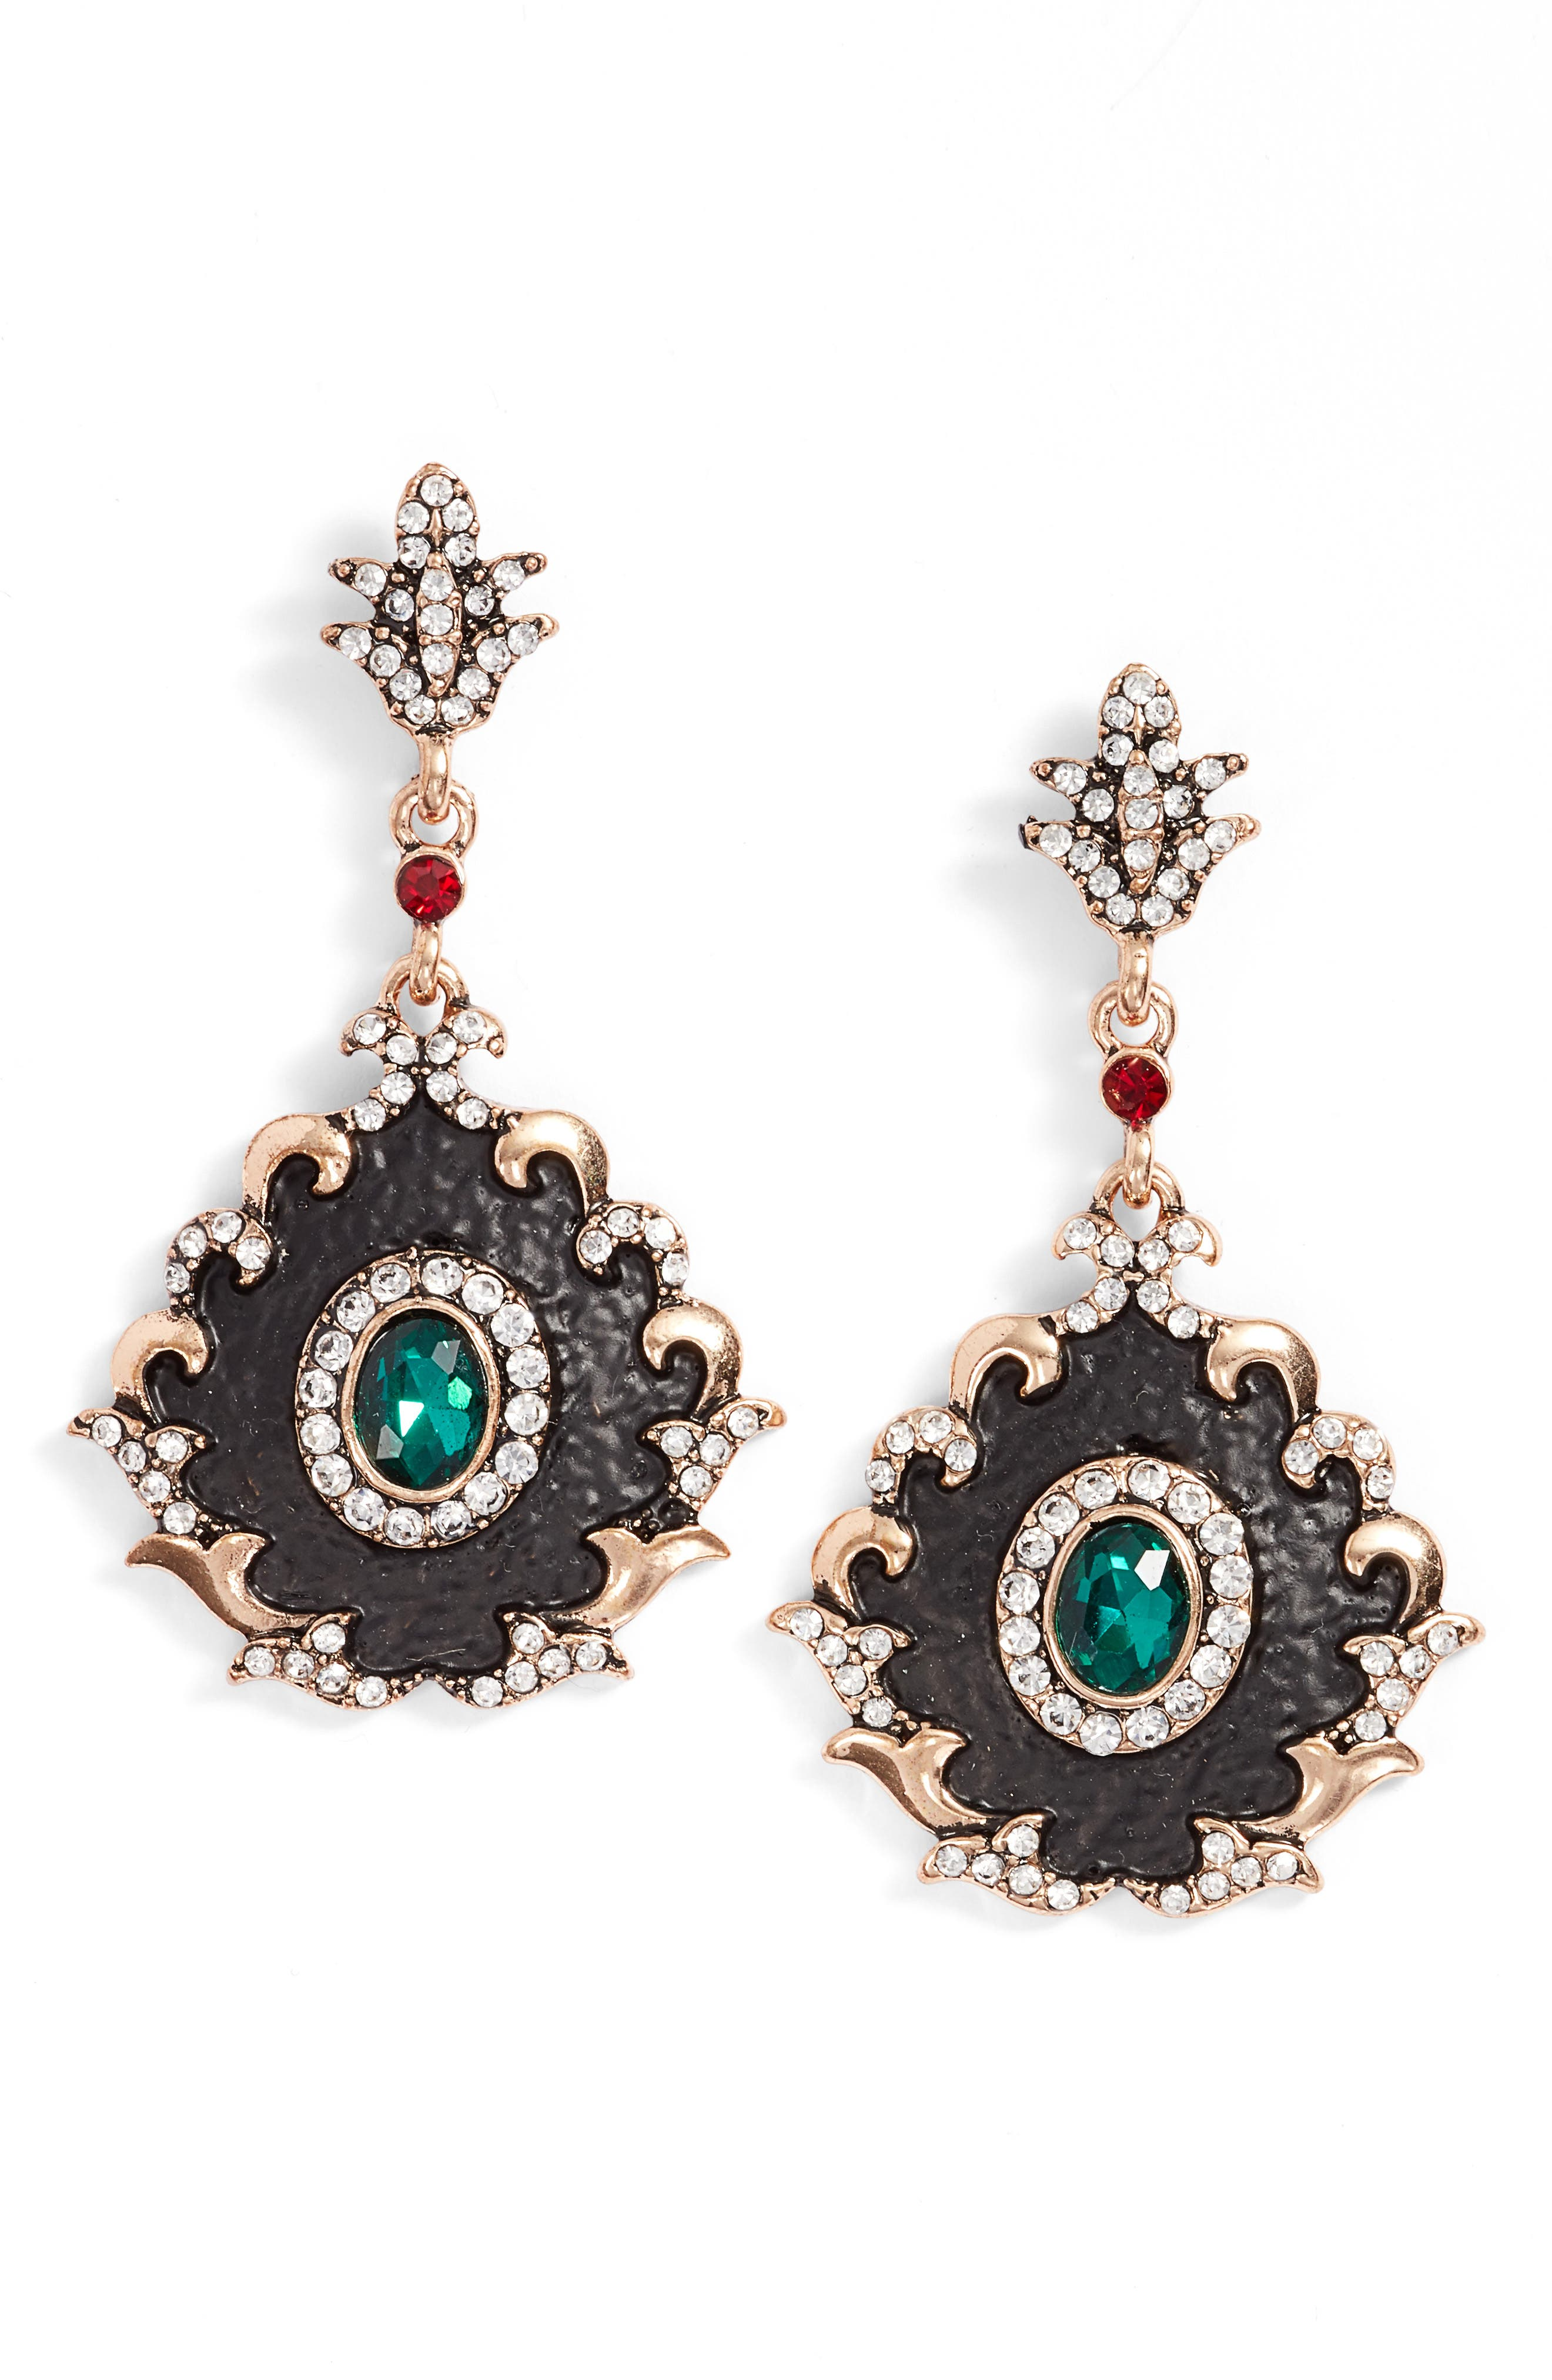 Naz Drop Earrings,                             Main thumbnail 1, color,                             300